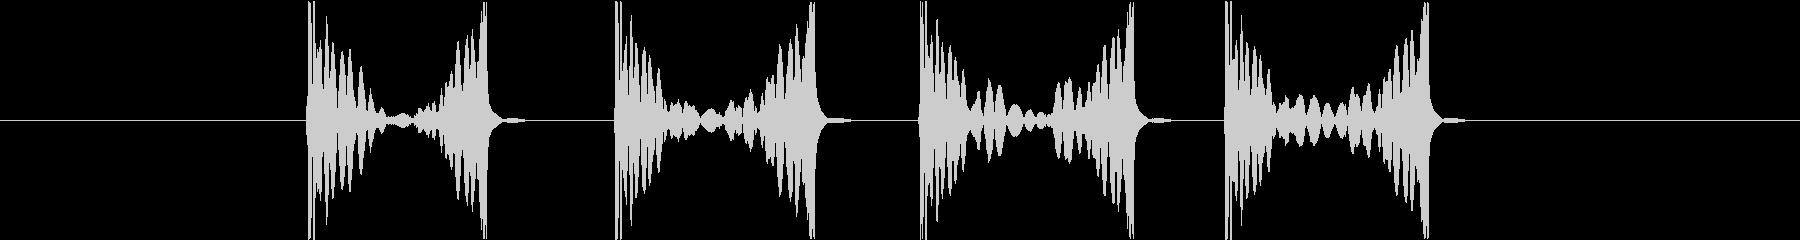 スクラッチ1high(ズクズクズクズク)の未再生の波形